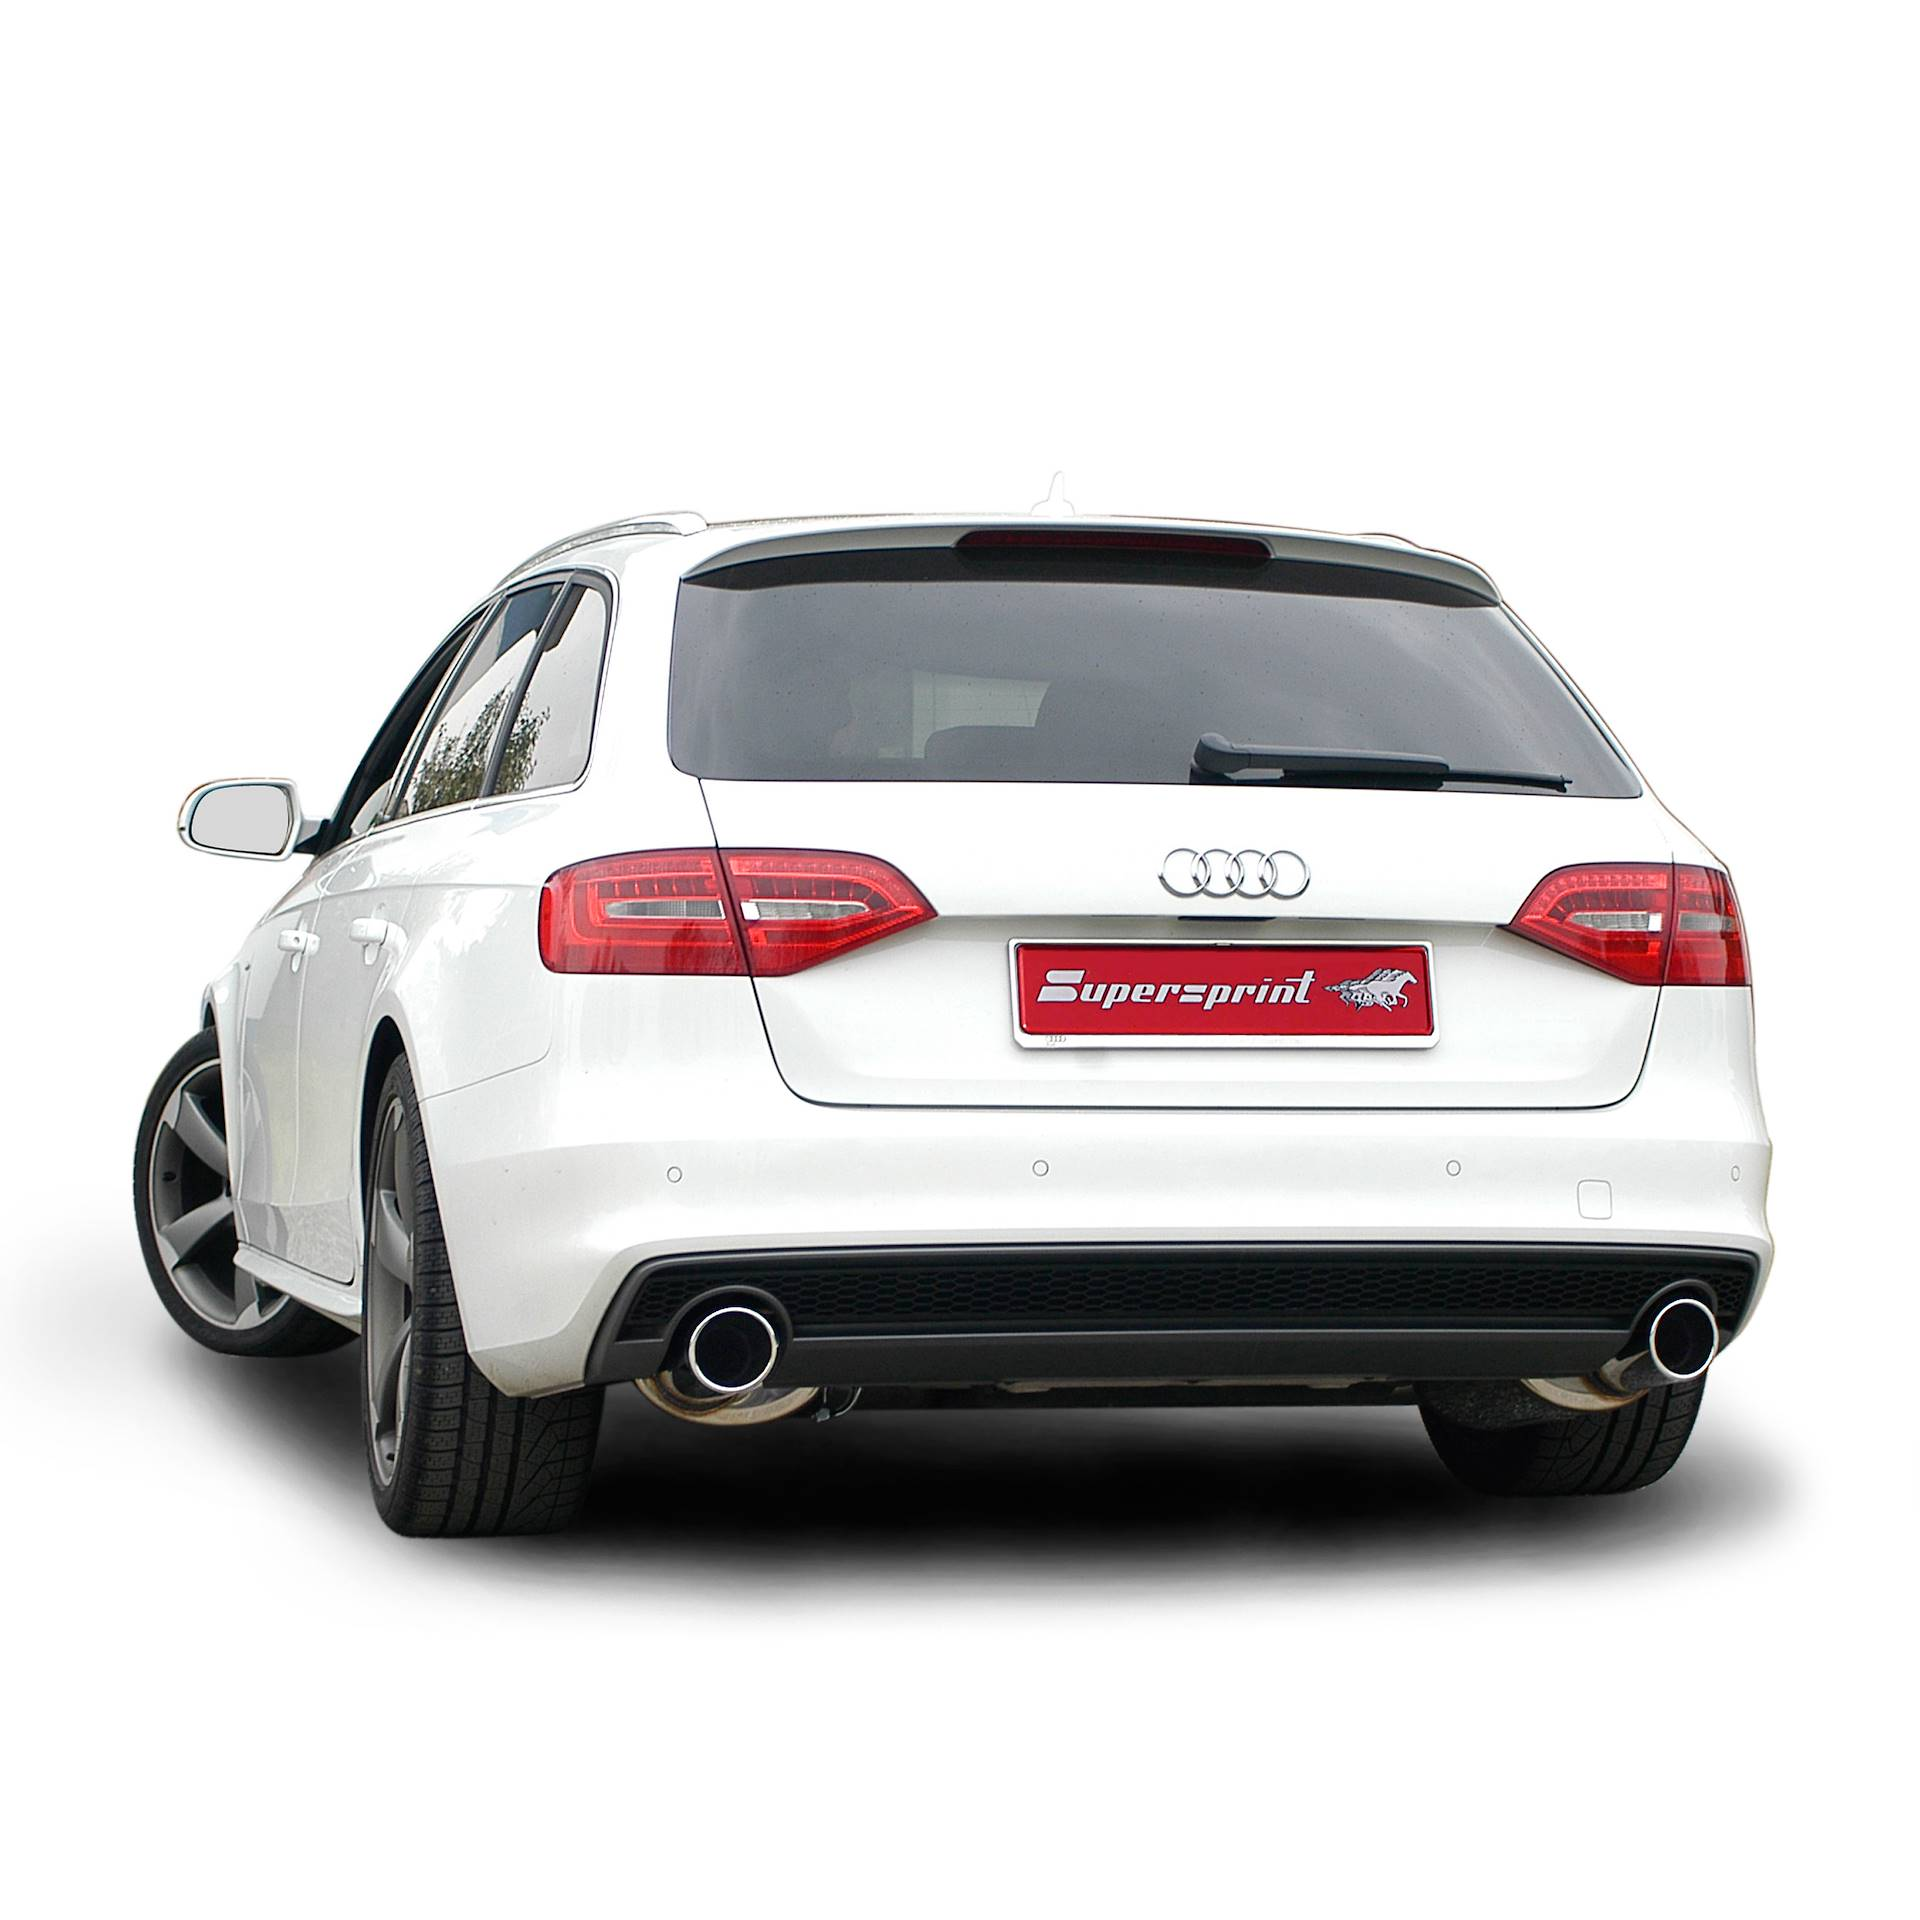 AUDI A4 B8 (Sedan + Avant) 2.0 TFSI (180 Hp